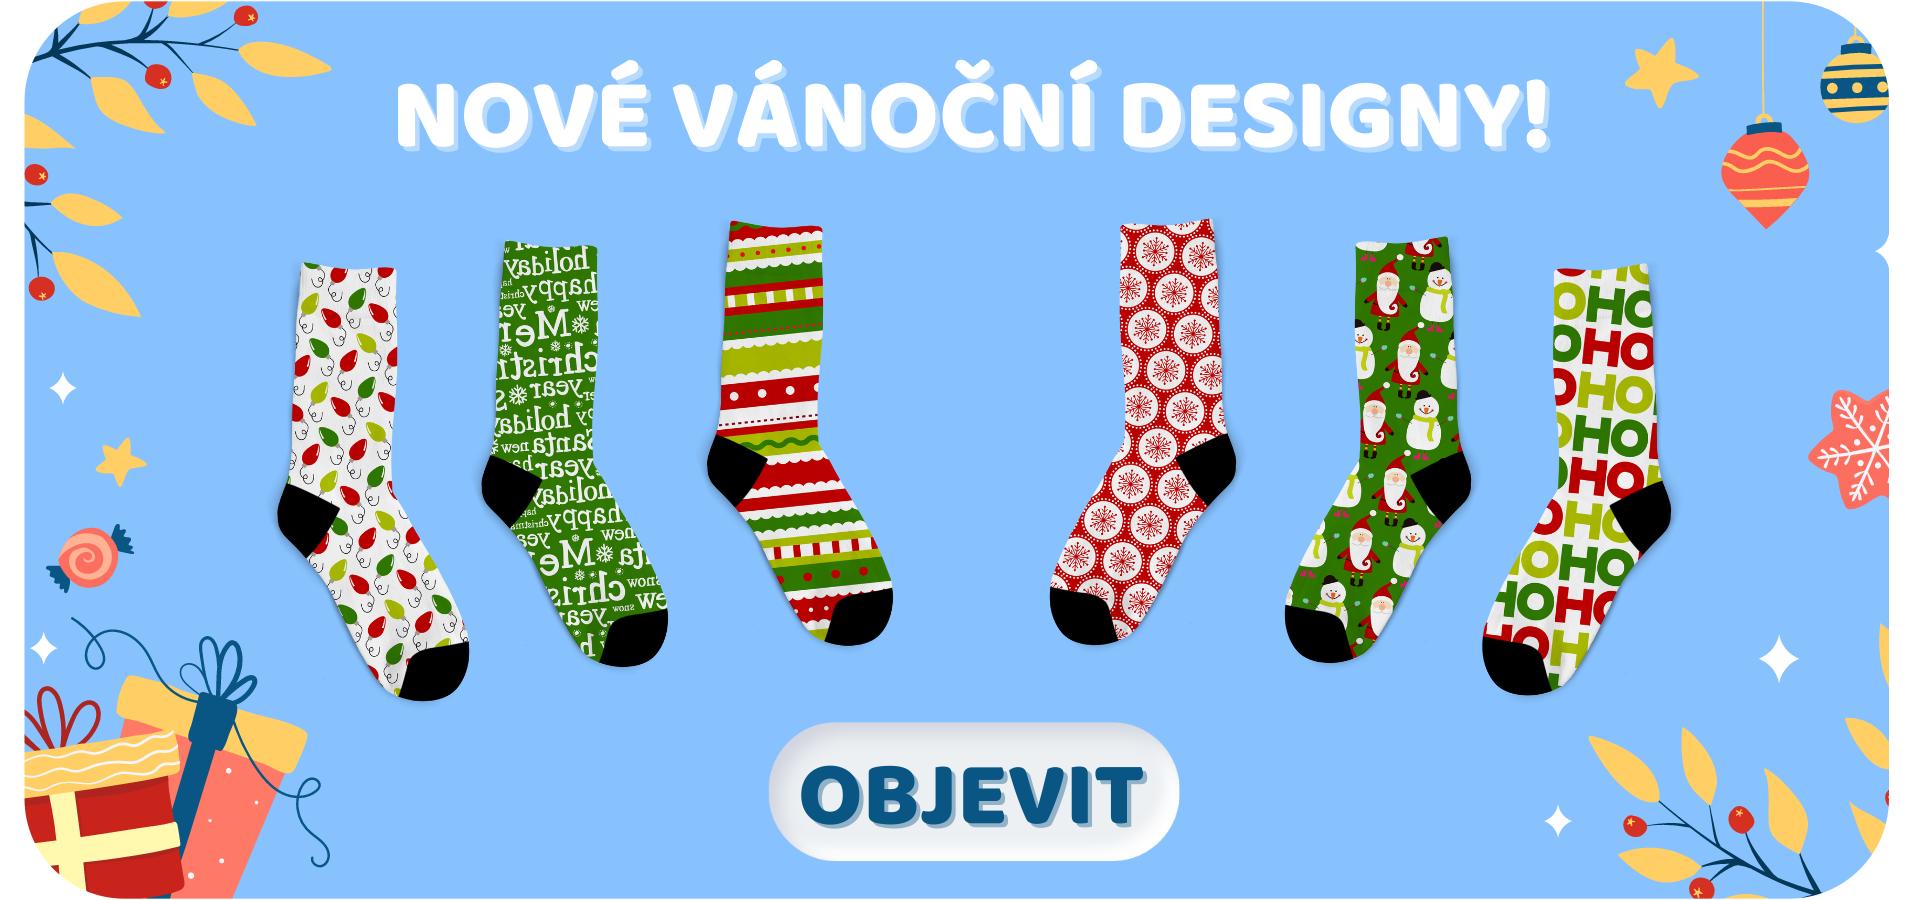 PC nové vánoční designy pupsocks